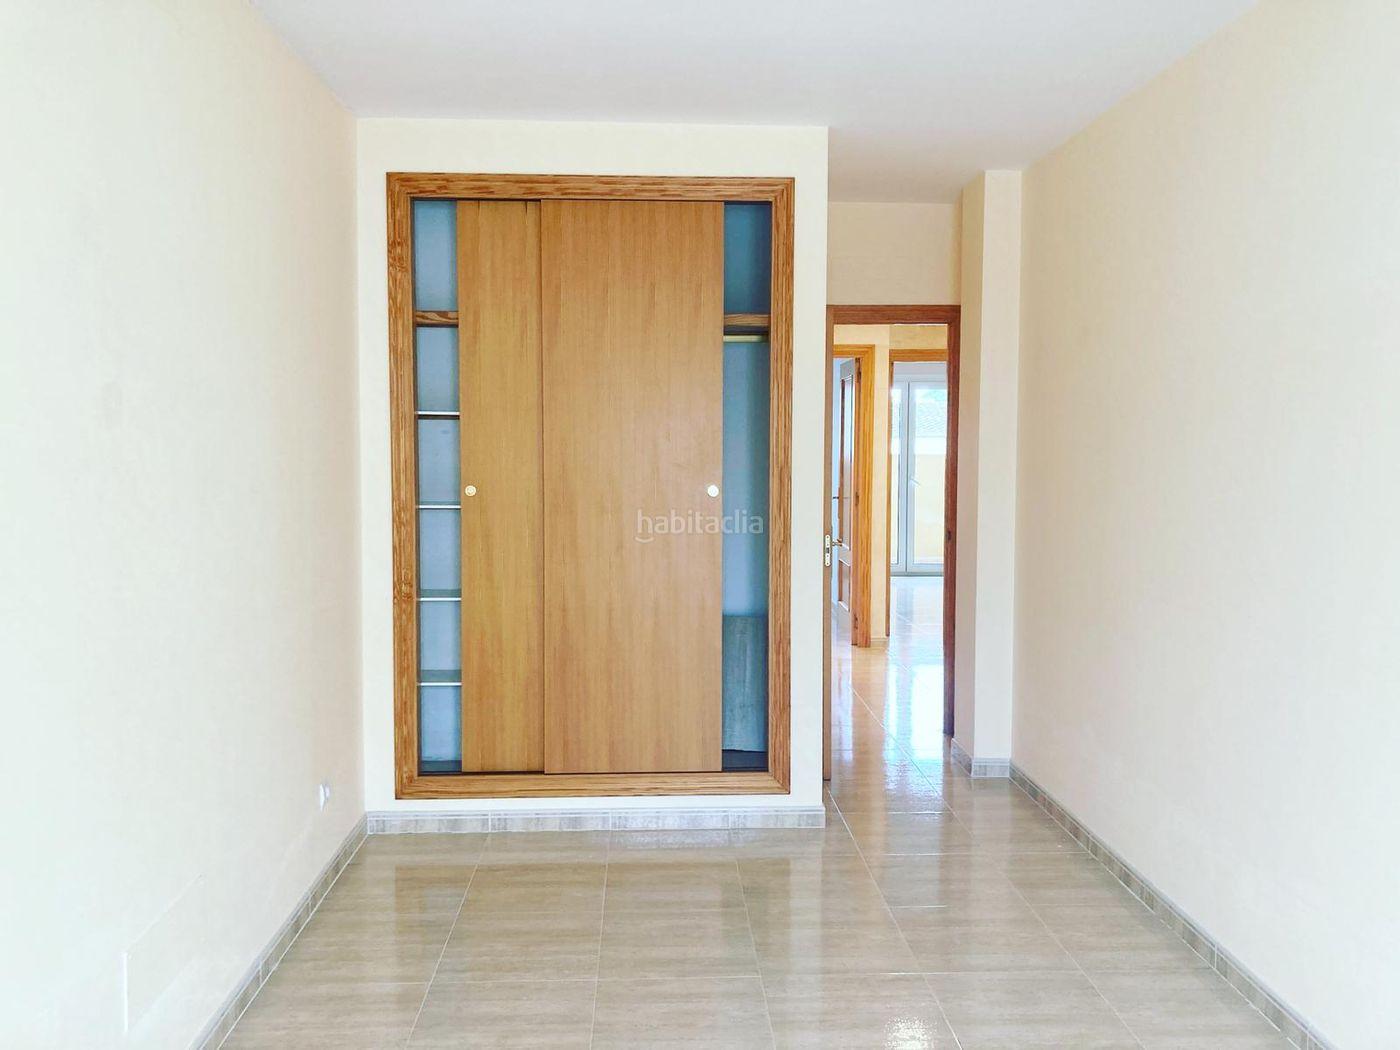 Piso en Felanitx con ascensor y garaje en perfectas condiciones! Felanitx